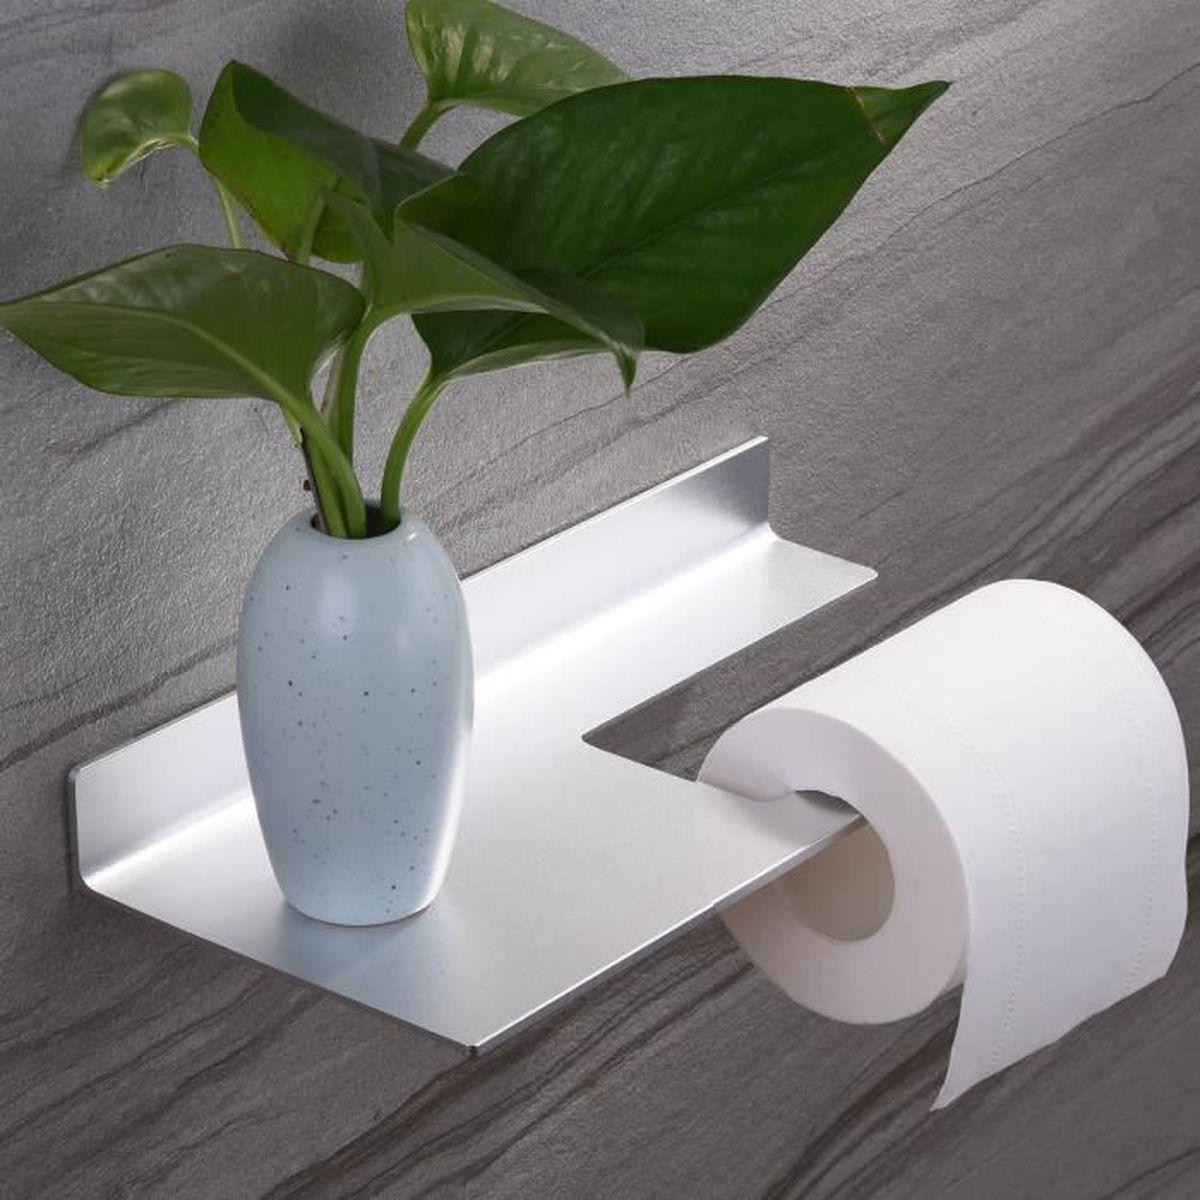 Rangement De Papier Toilette zunto porte papier toilette mural porte rouleau de papier wc